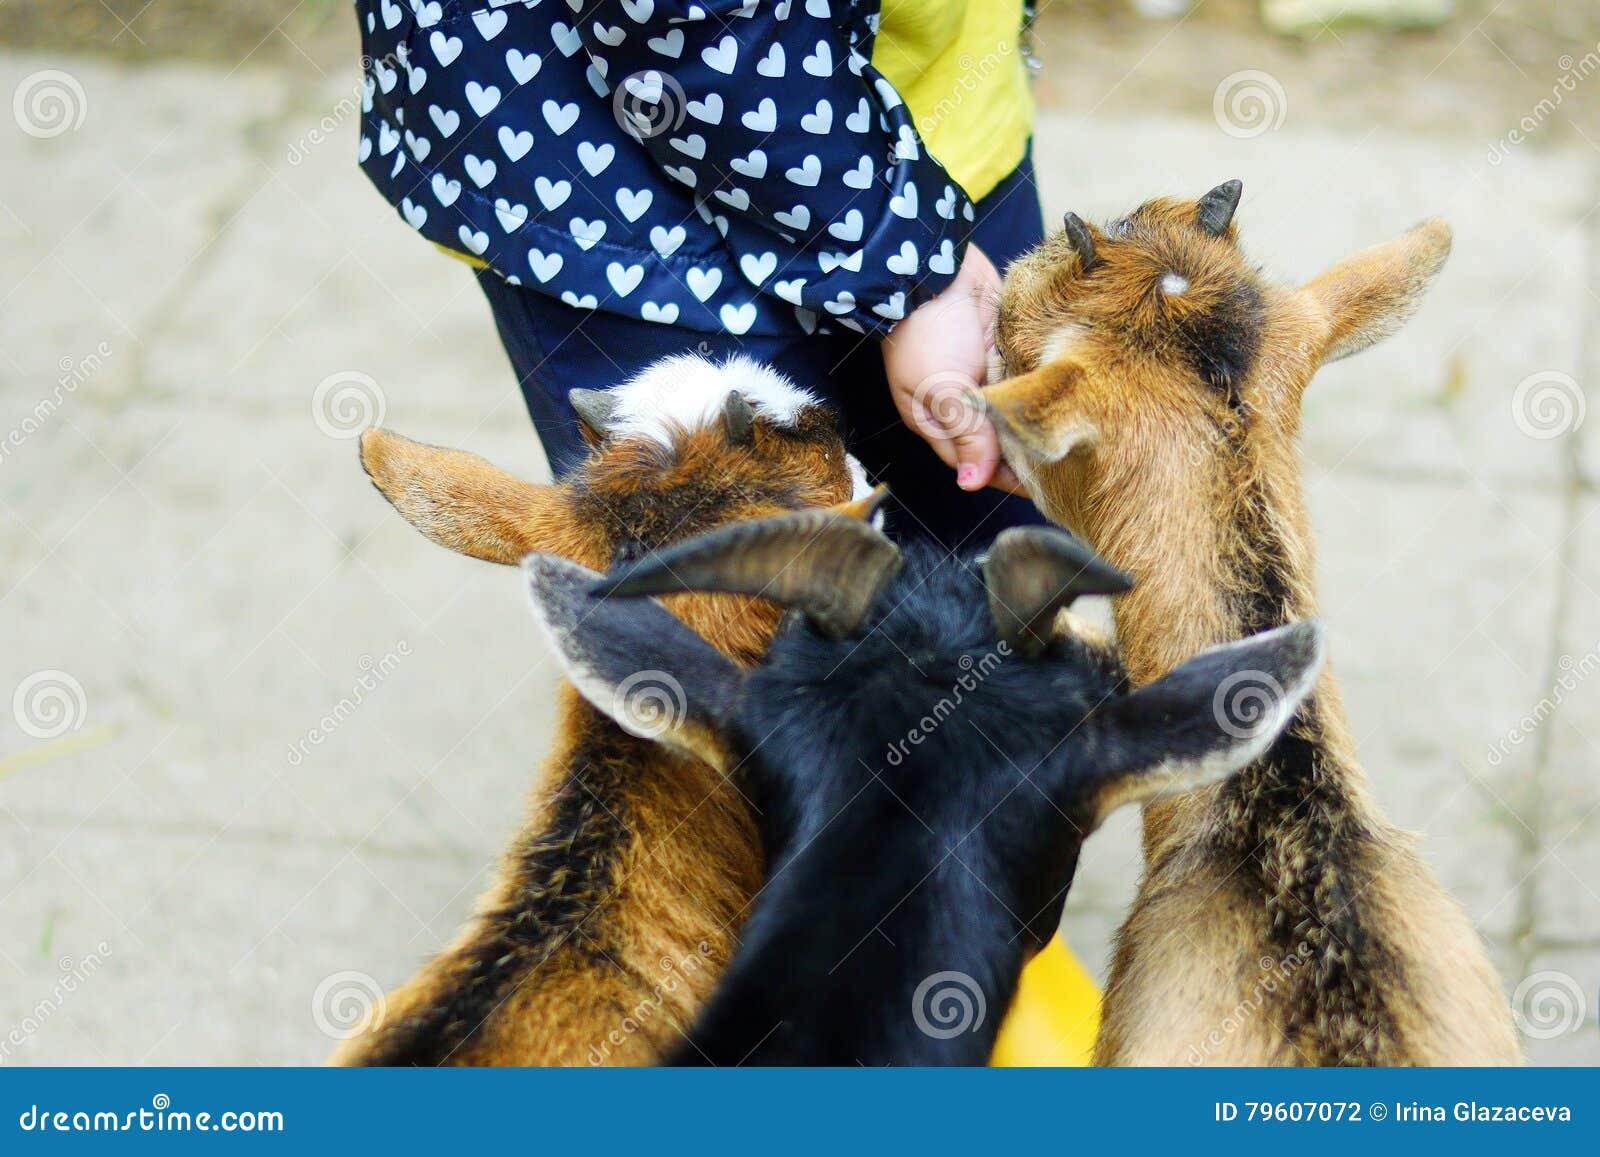 Menina adorável que alimenta uma cabra no jardim zoológico no dia de verão ensolarado quente